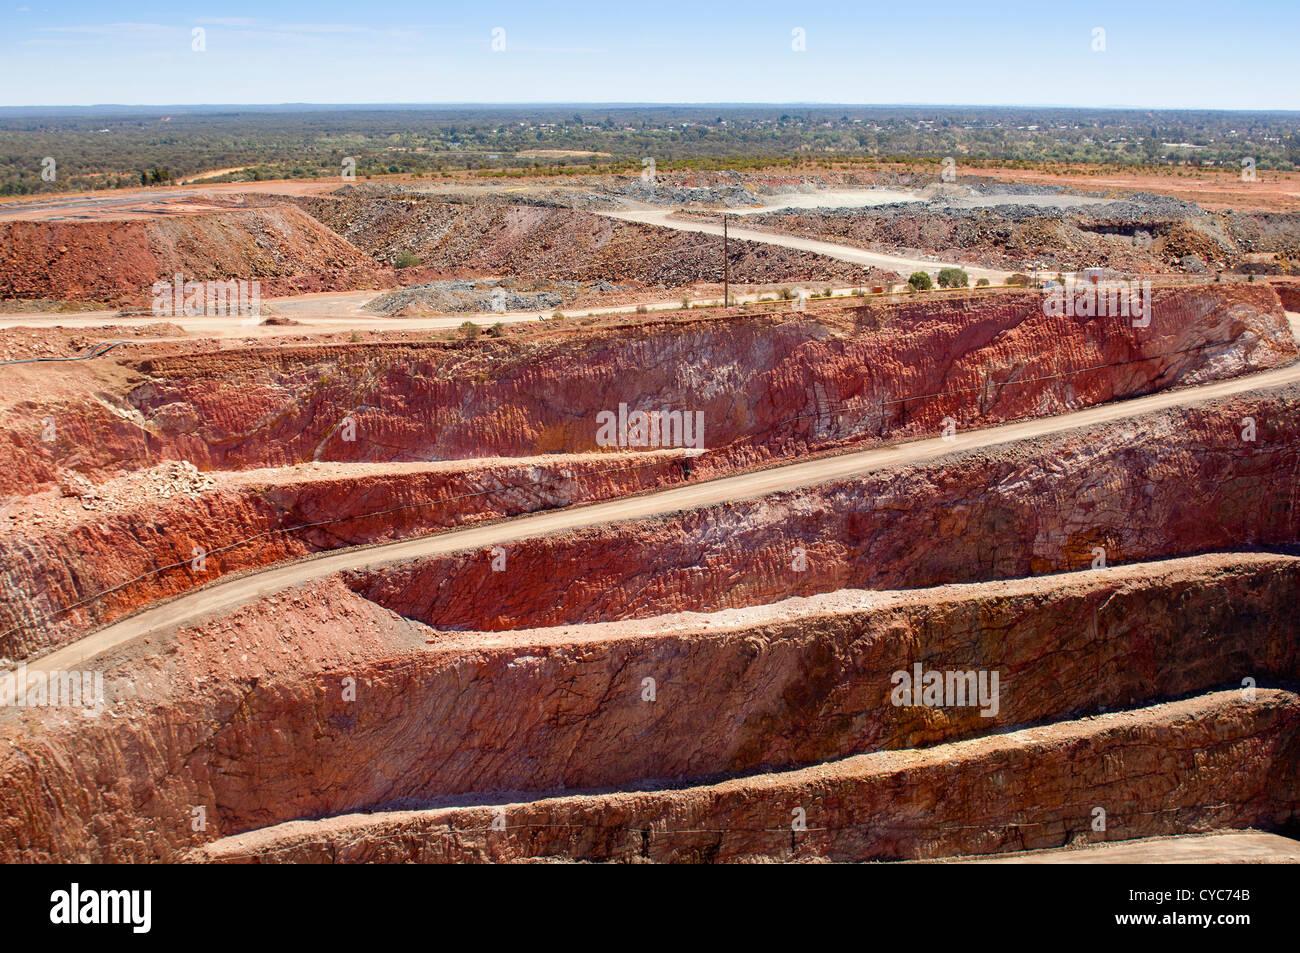 L'exploitation minière en Australie à la mine Salur Photo Stock